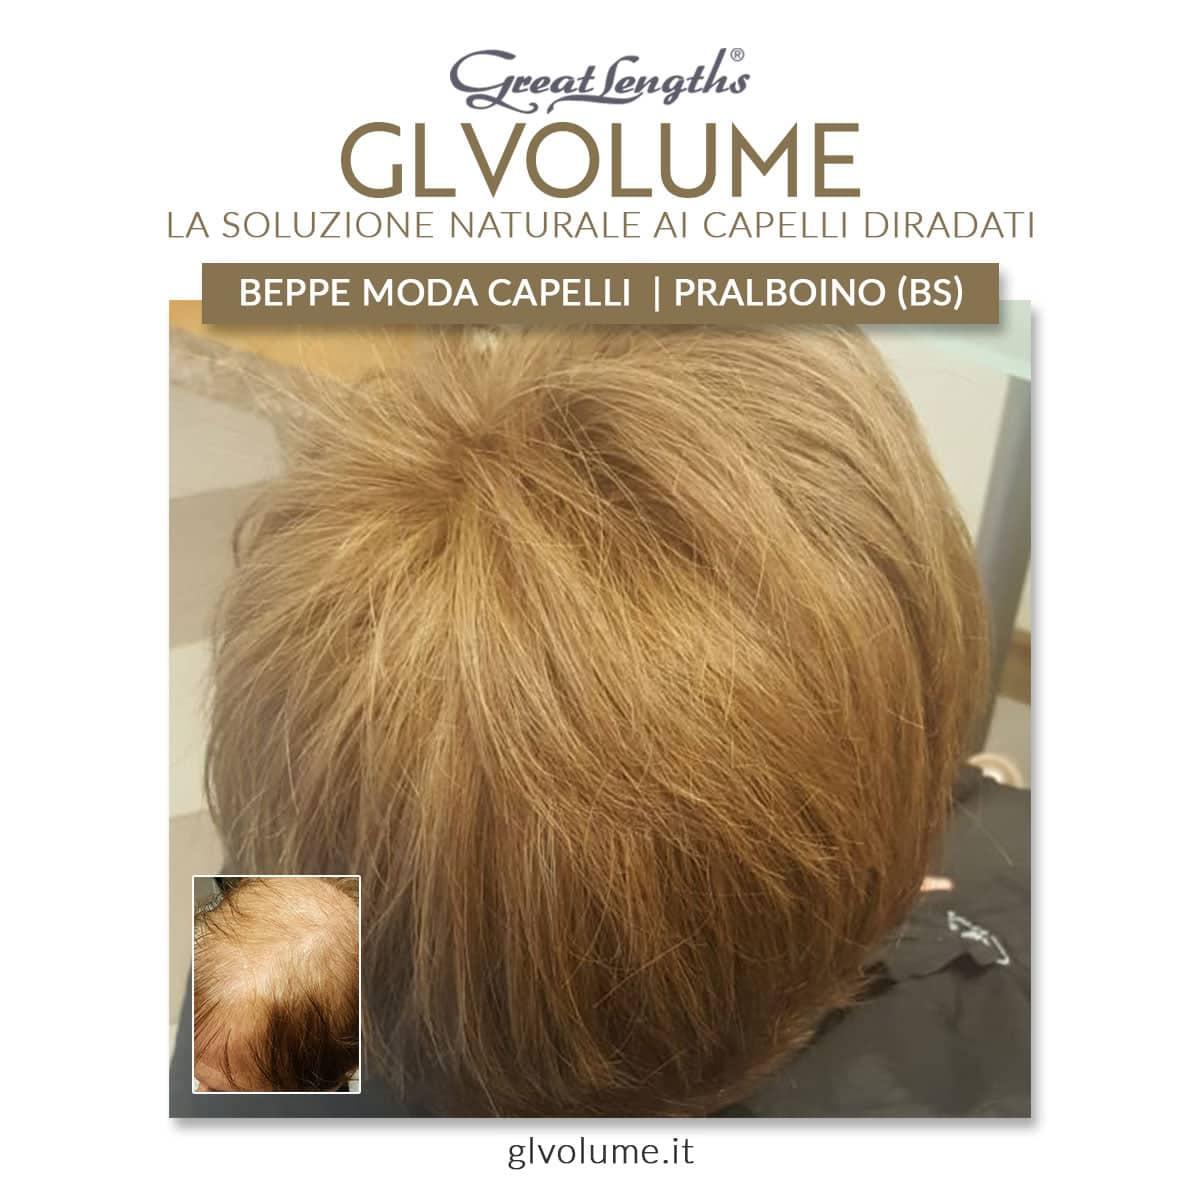 Prima e dopo infoltimento capelli diradati a Brescia con GL VOLUME Great Lengths